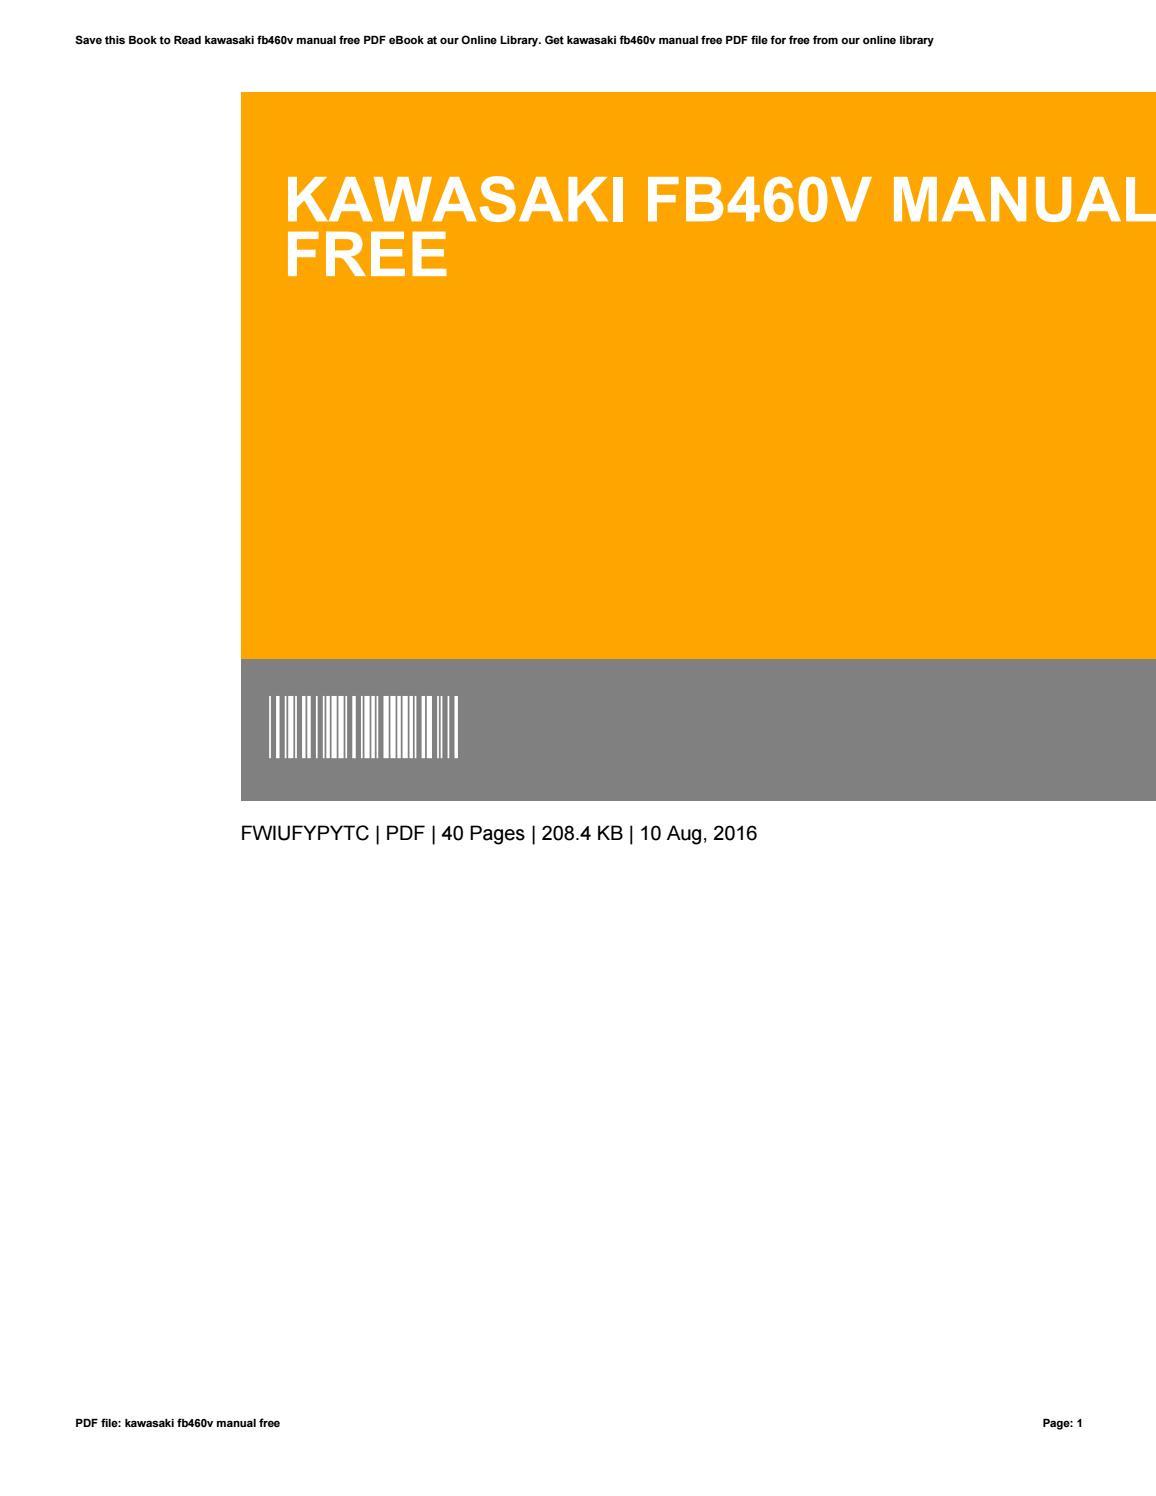 Free Kawasaki Fb460v Service manual